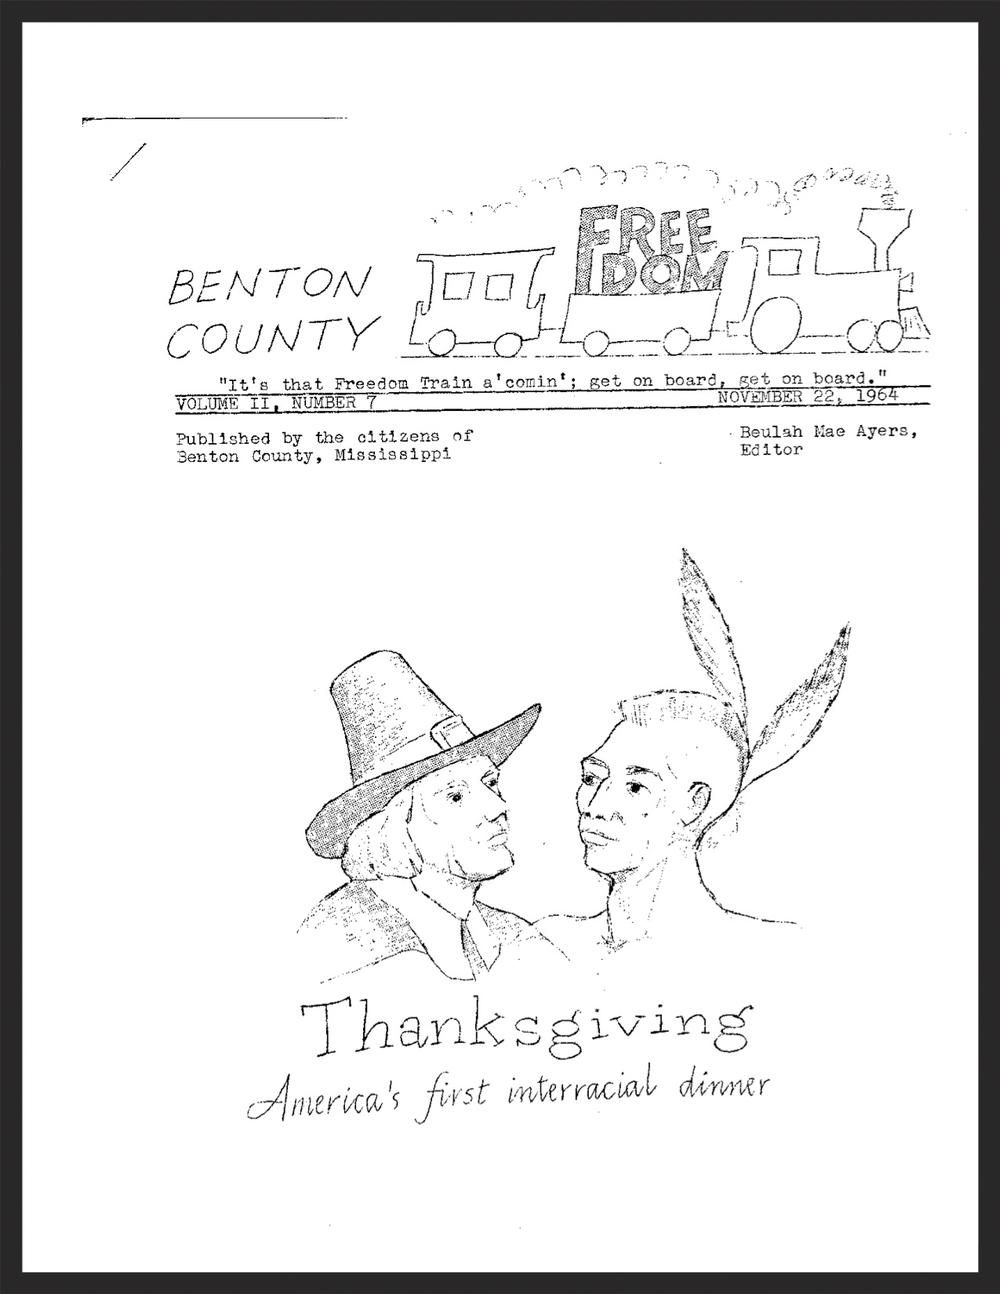 November 22, 1964